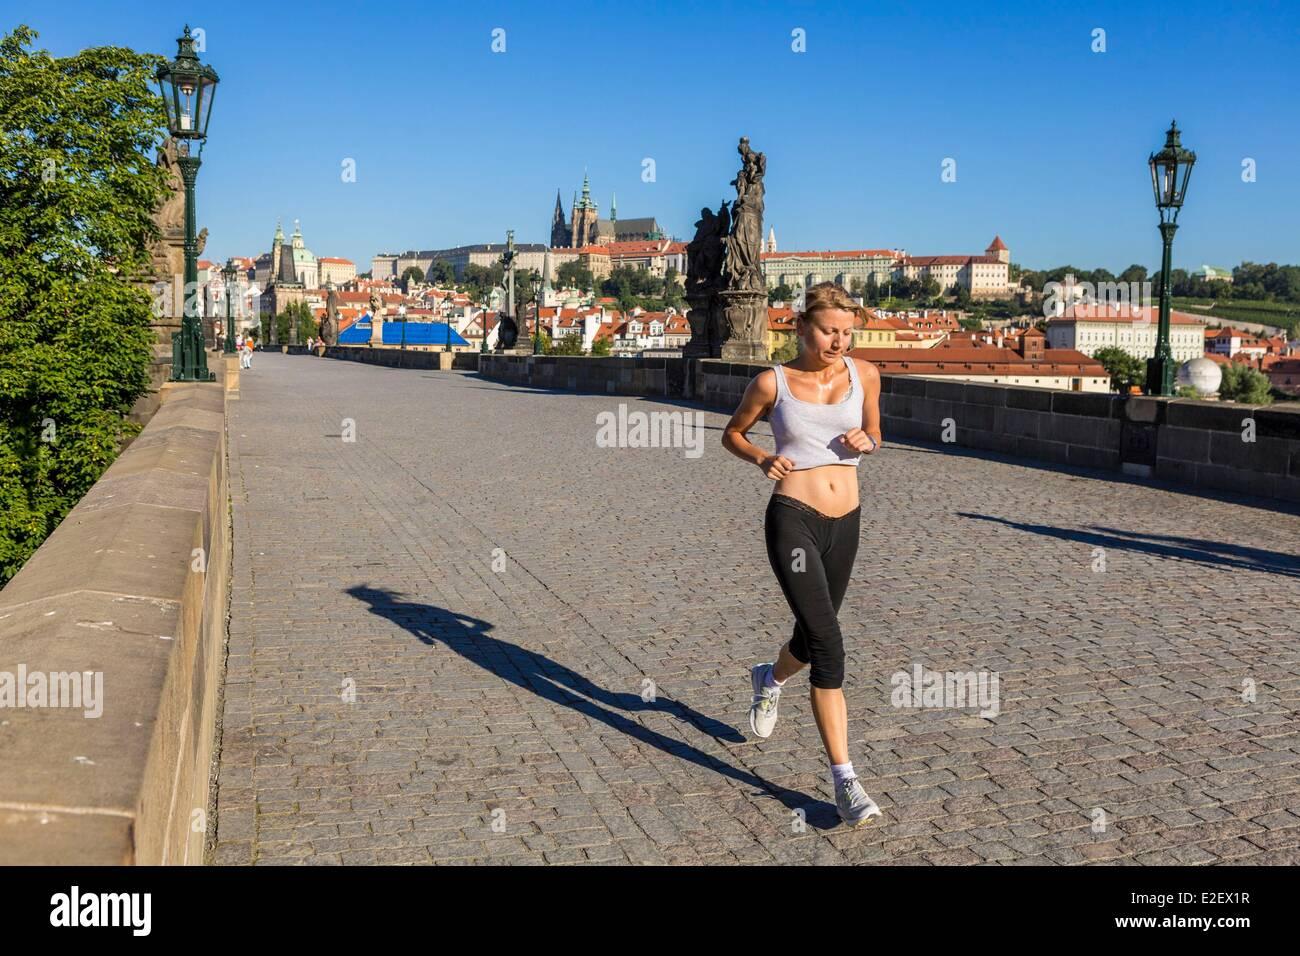 Czech Sport Photos   Czech Sport Images - Alamy 3f608fb8230